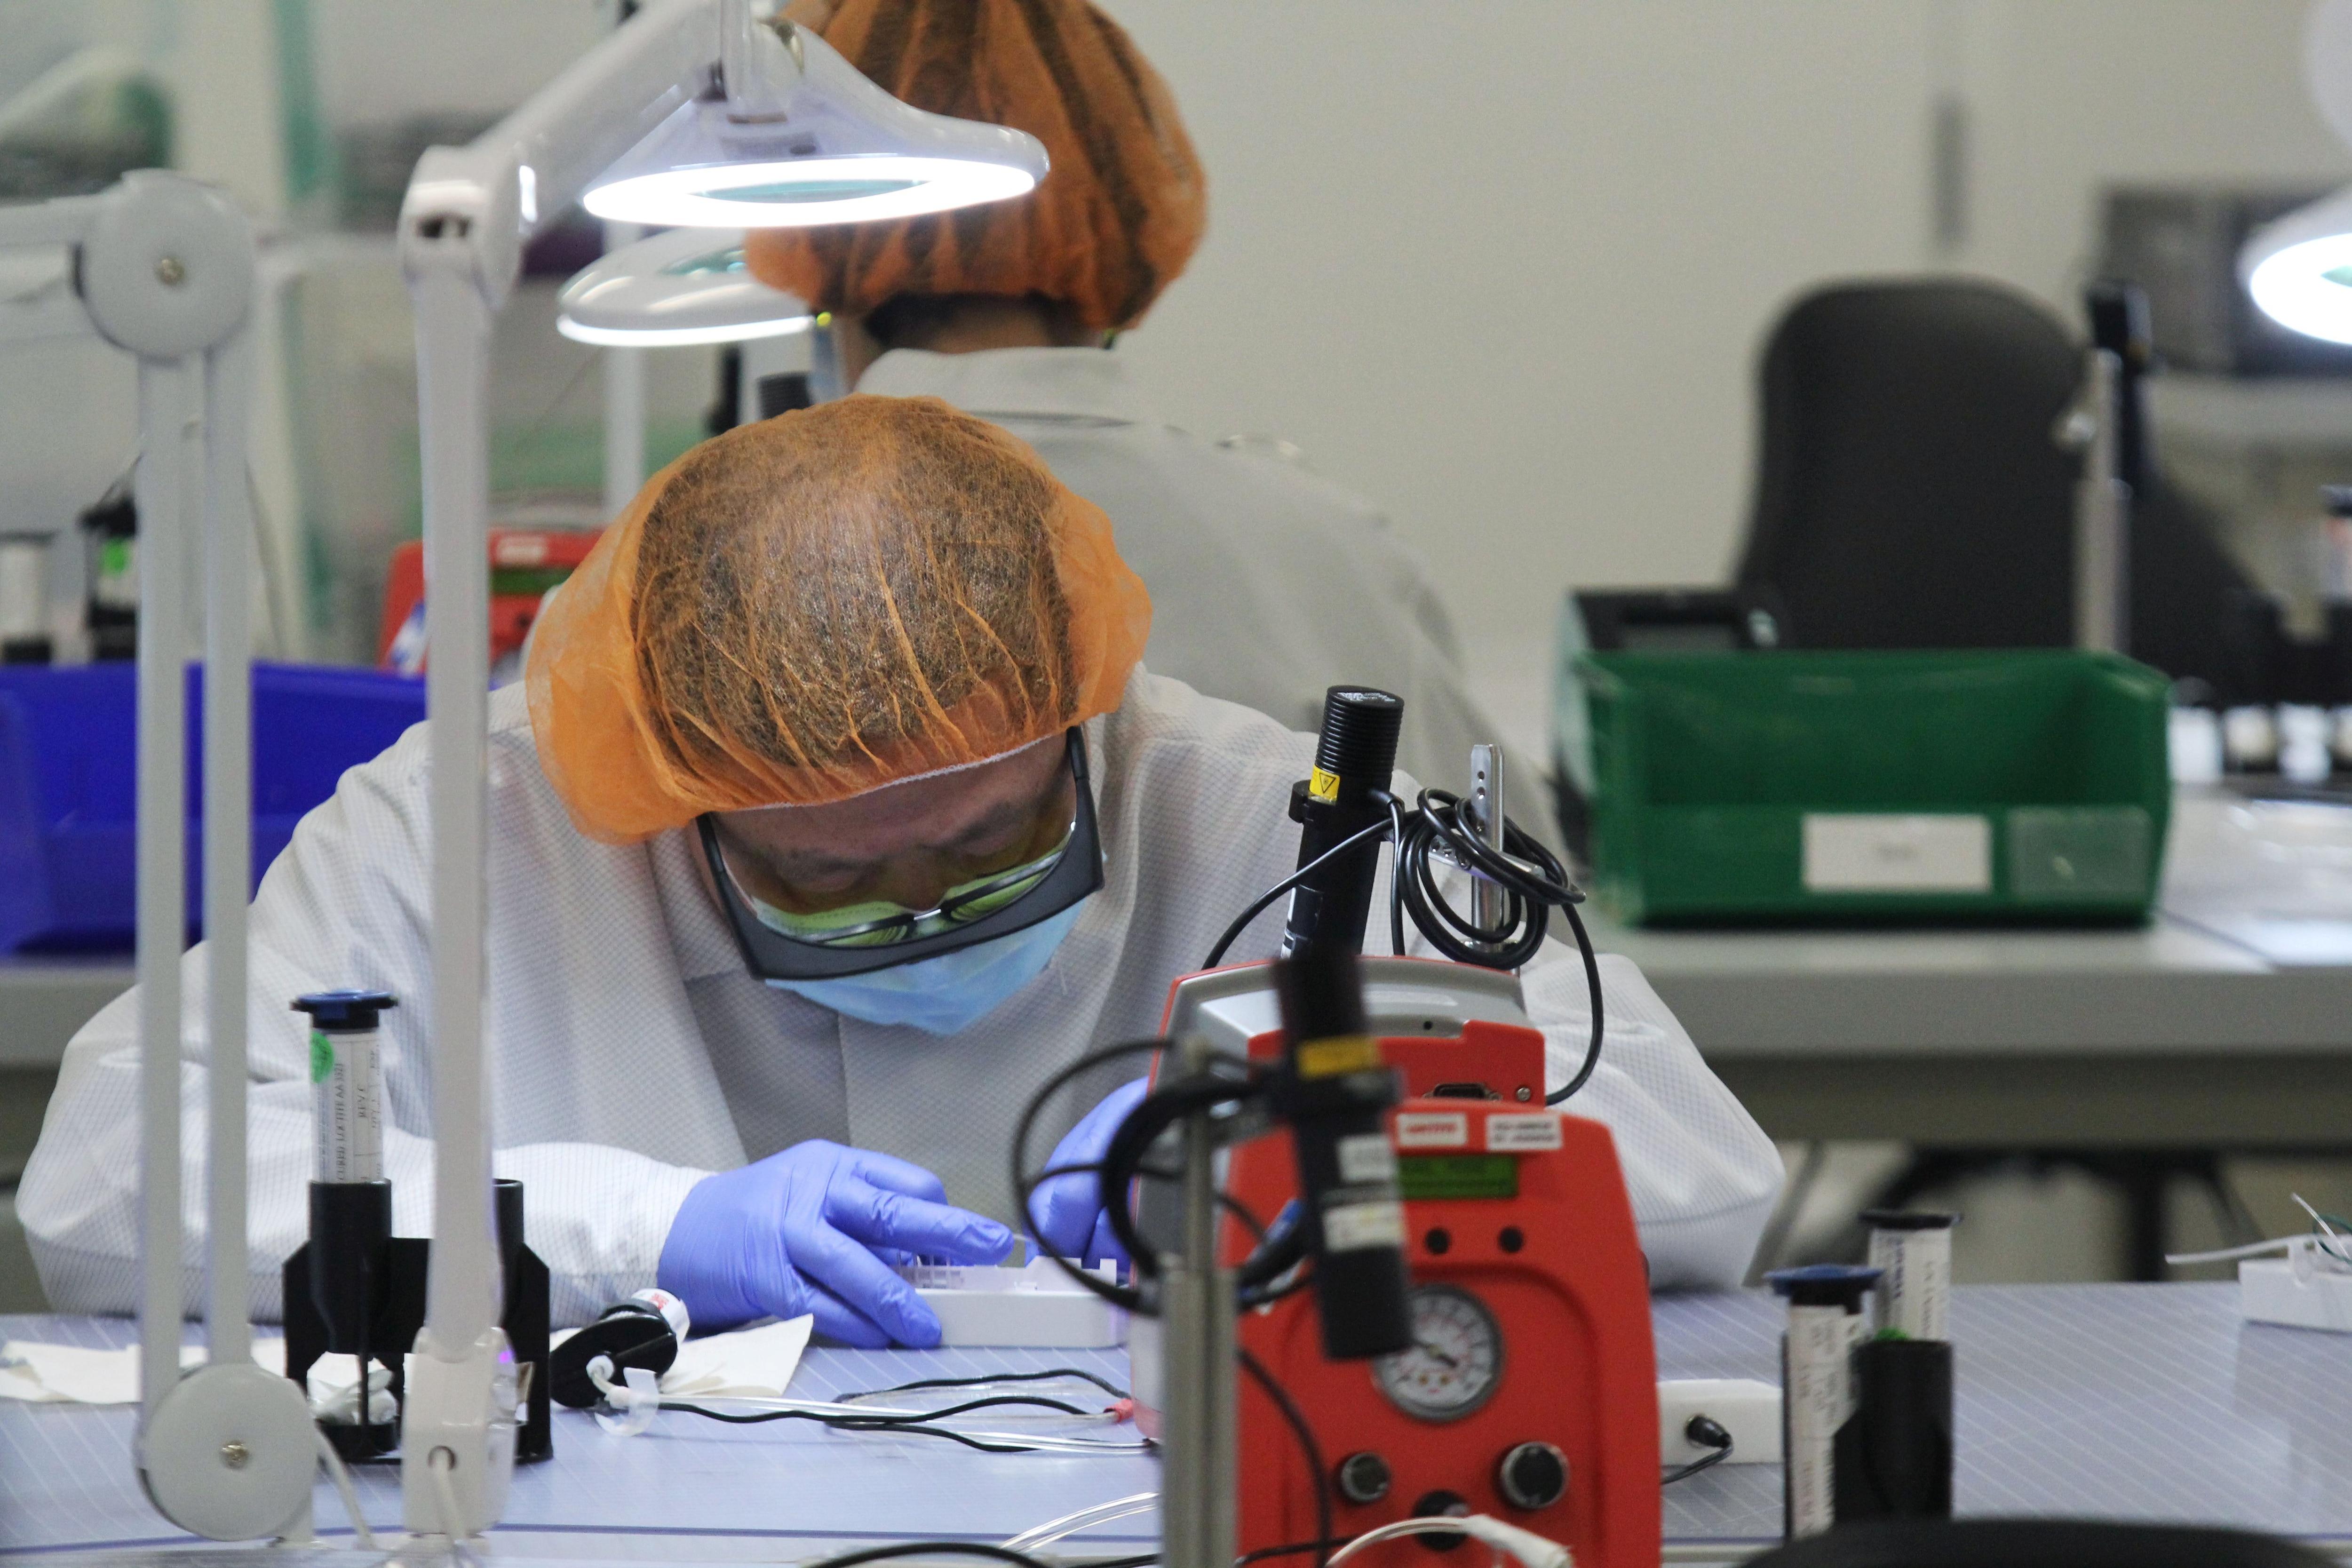 La industria farmacéutica está trabajando a riesgo en el desarrollo y producción de varias vacunas contra COVID-19 - REUTERS/Nathan Frandino